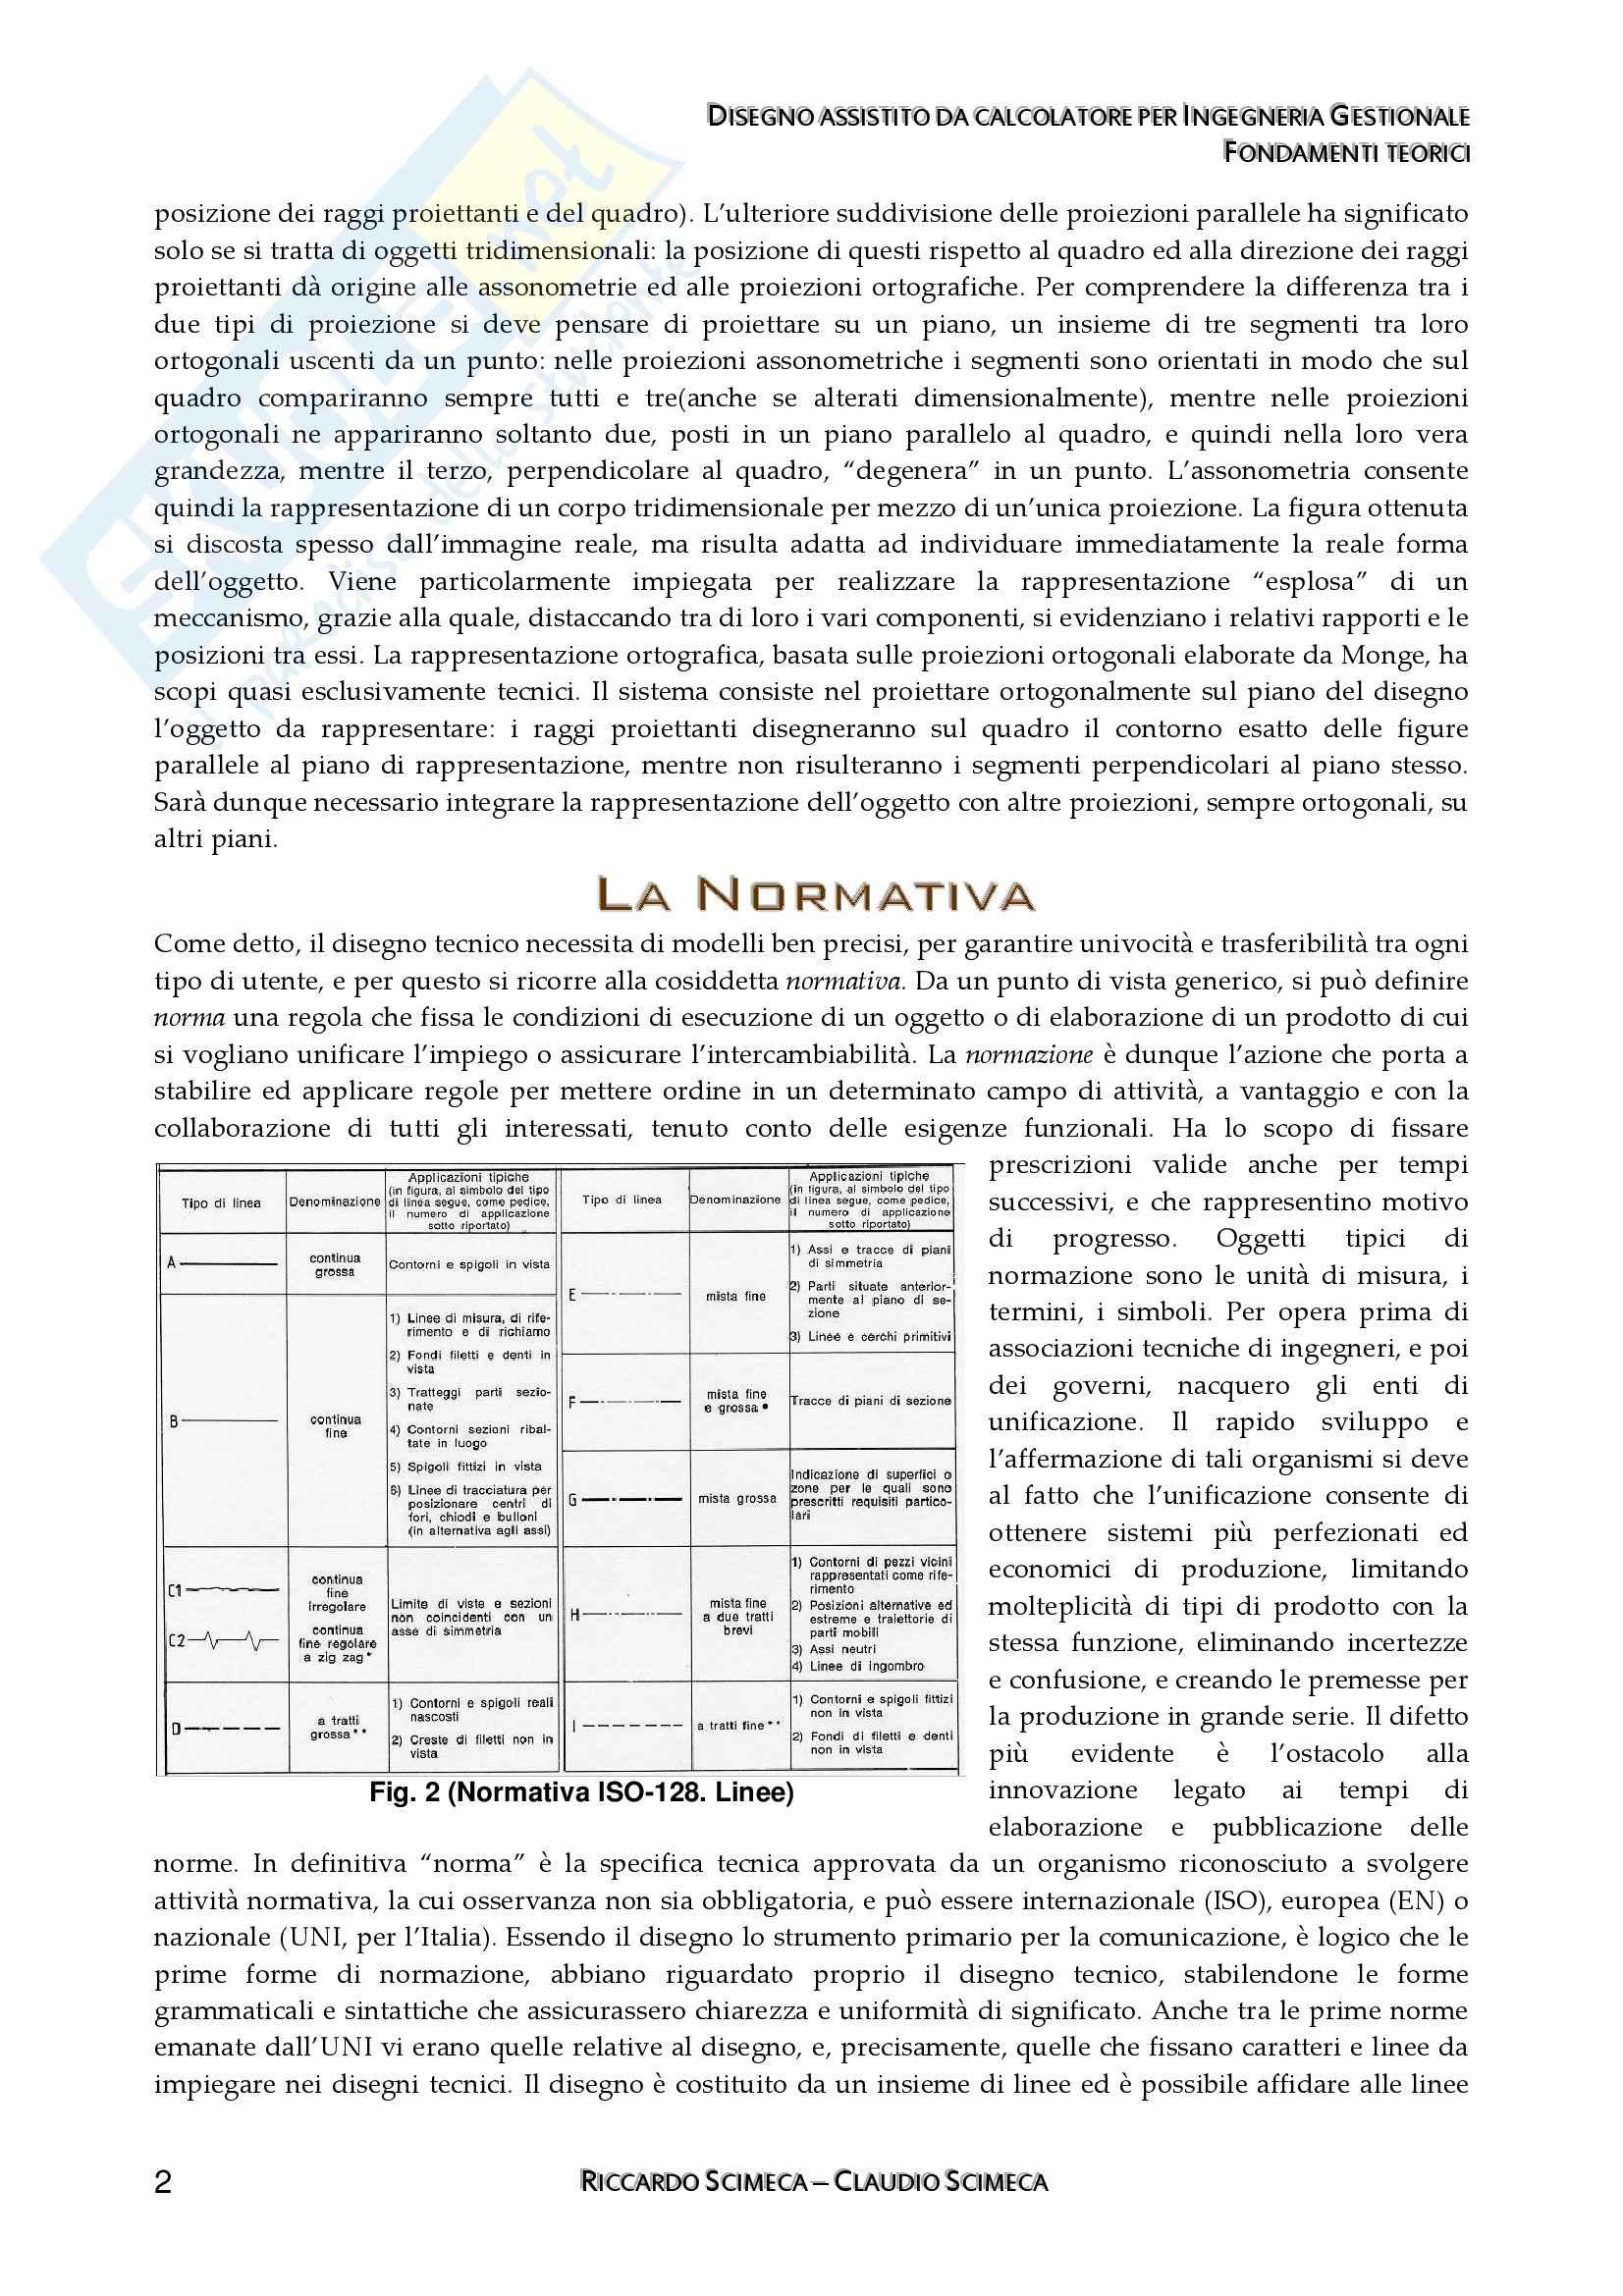 Disegno assistito da calcolatore - Appunti Pag. 2